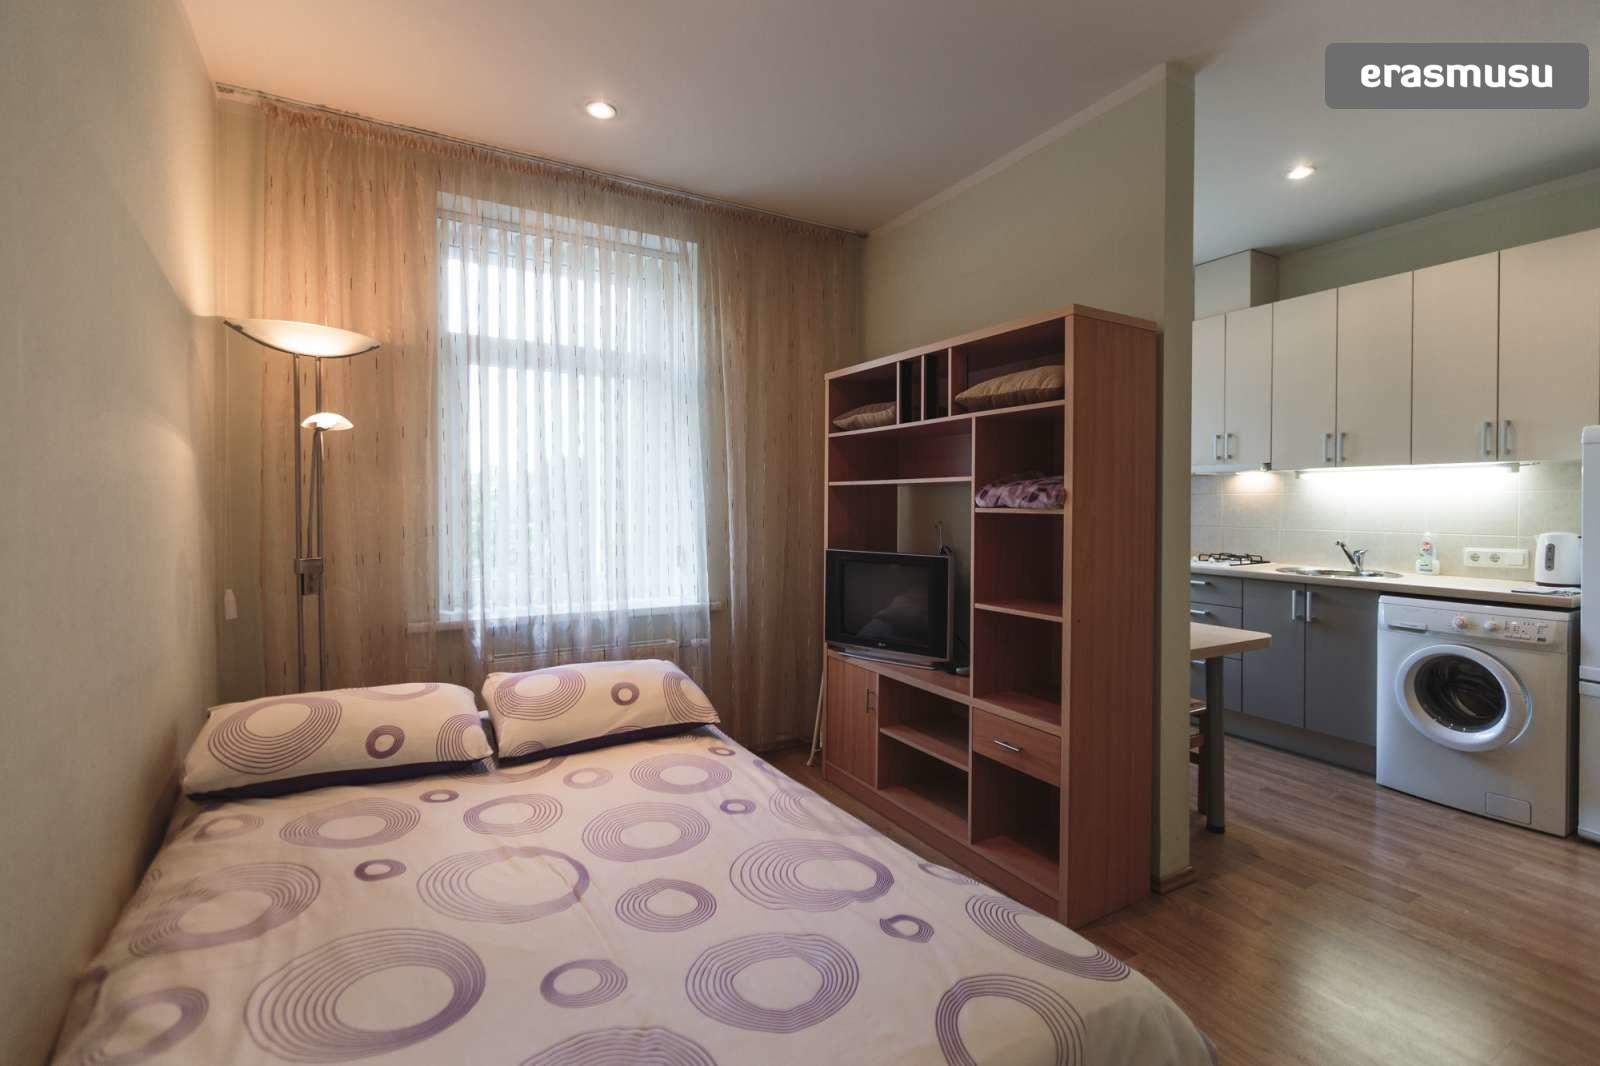 cozy-studio-apartment-rent-petersala-andrejsala-f6017182c776b02c